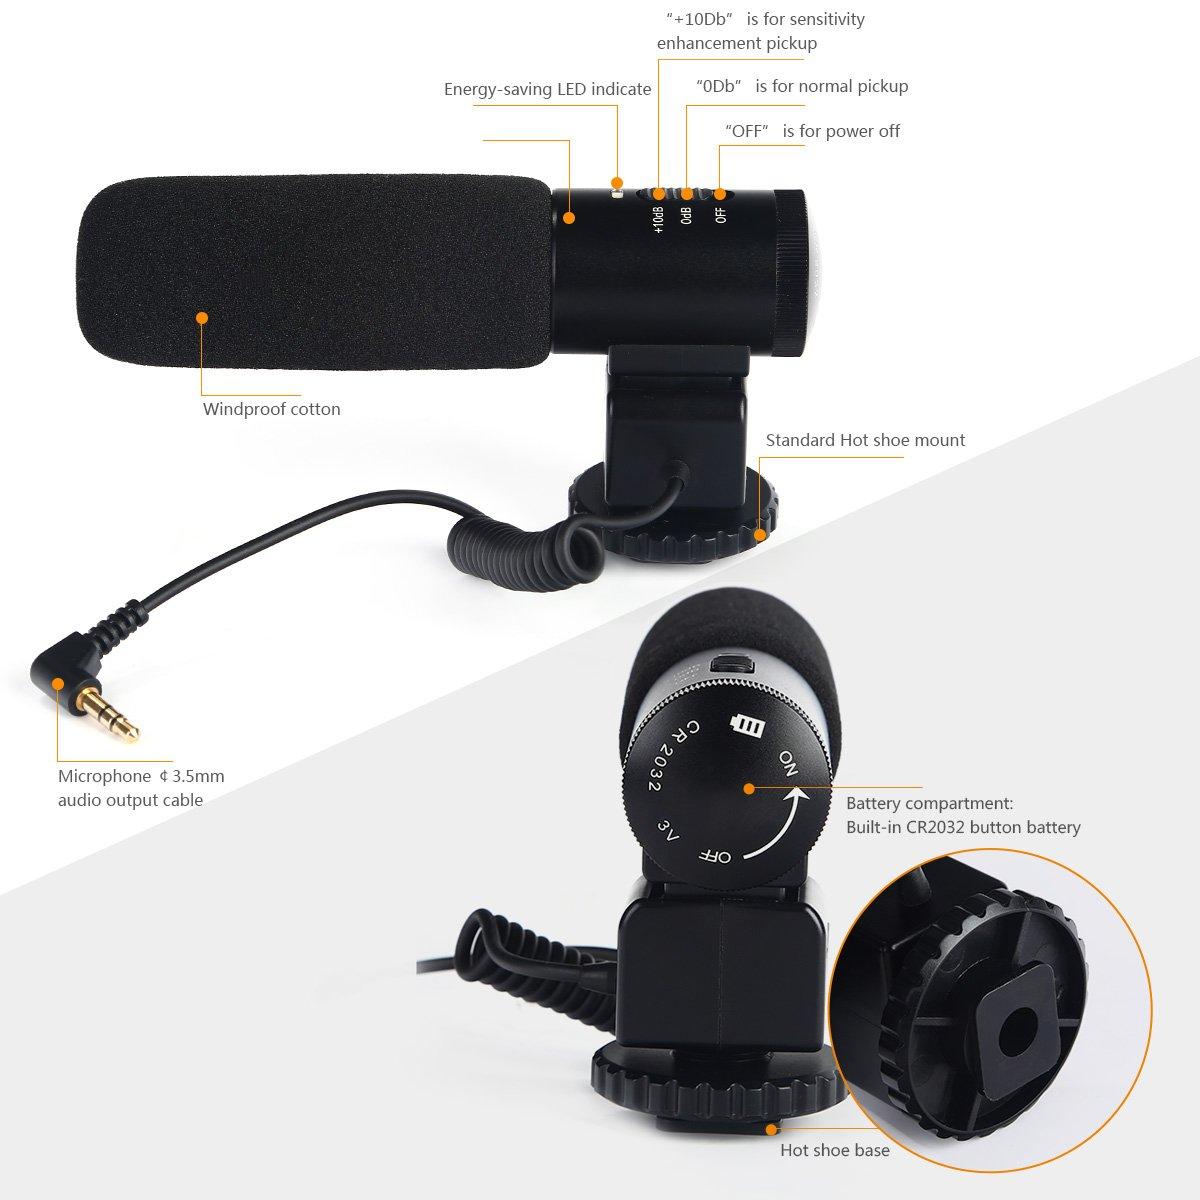 Micrófono, Profesional Micrófono de Grabación para Fotografía por solo 36,99€